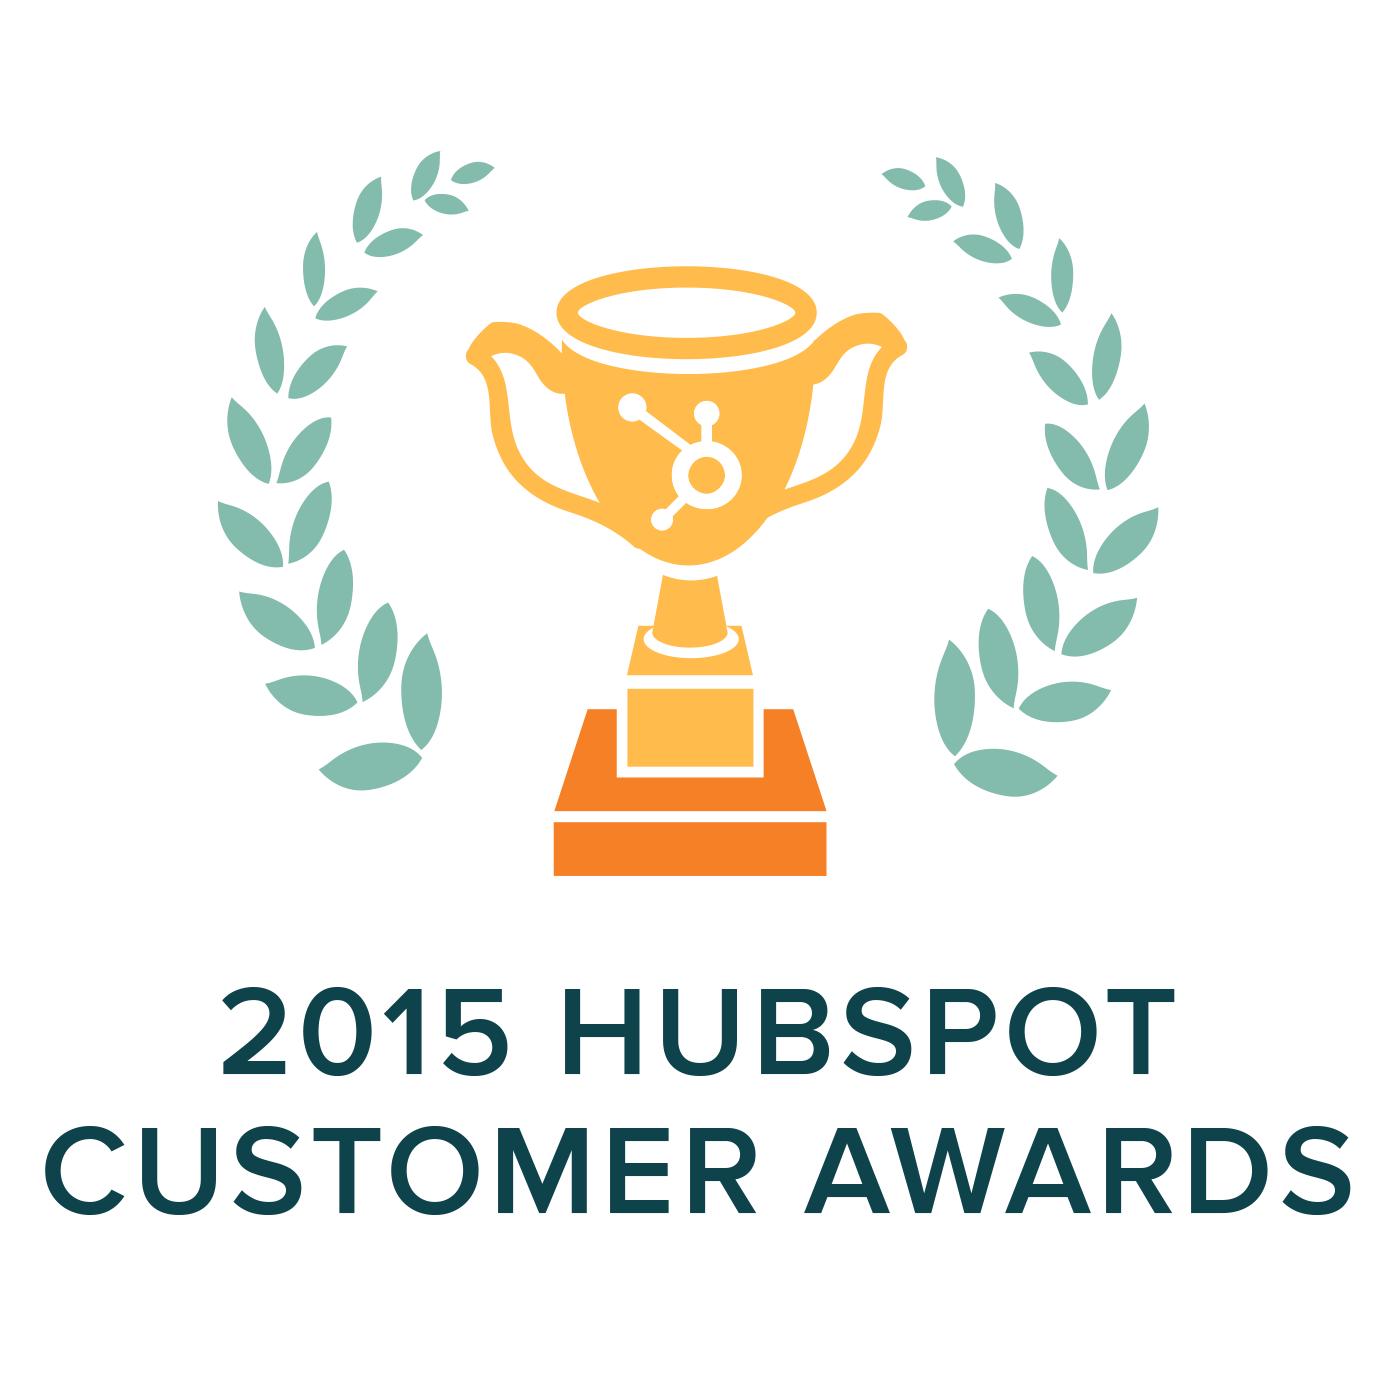 HubSpot_Customer_Awards_Logo-058458-edited